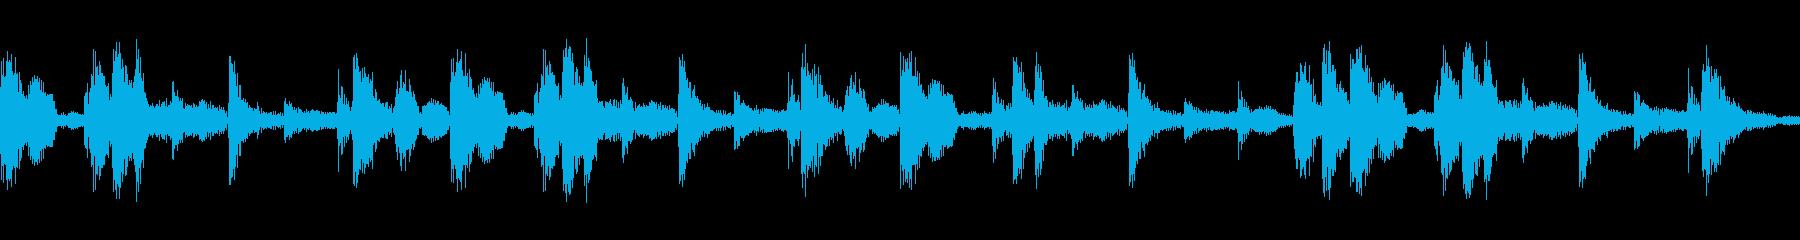 リズミカルで民族的なジングル04の再生済みの波形